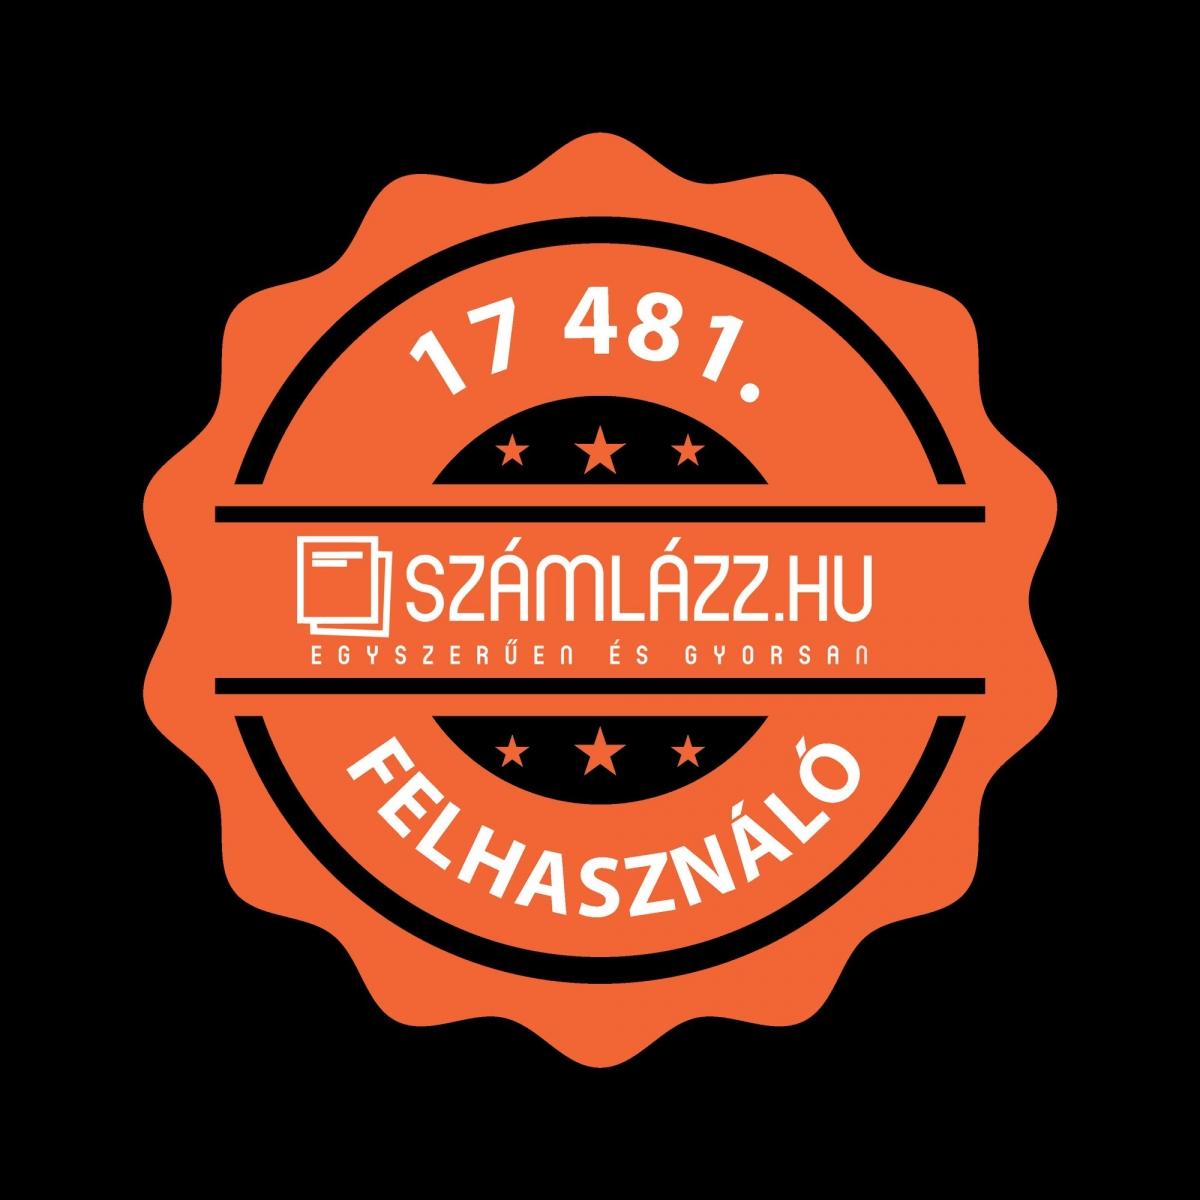 vallalkozas_okosan_kft_badge.jpg